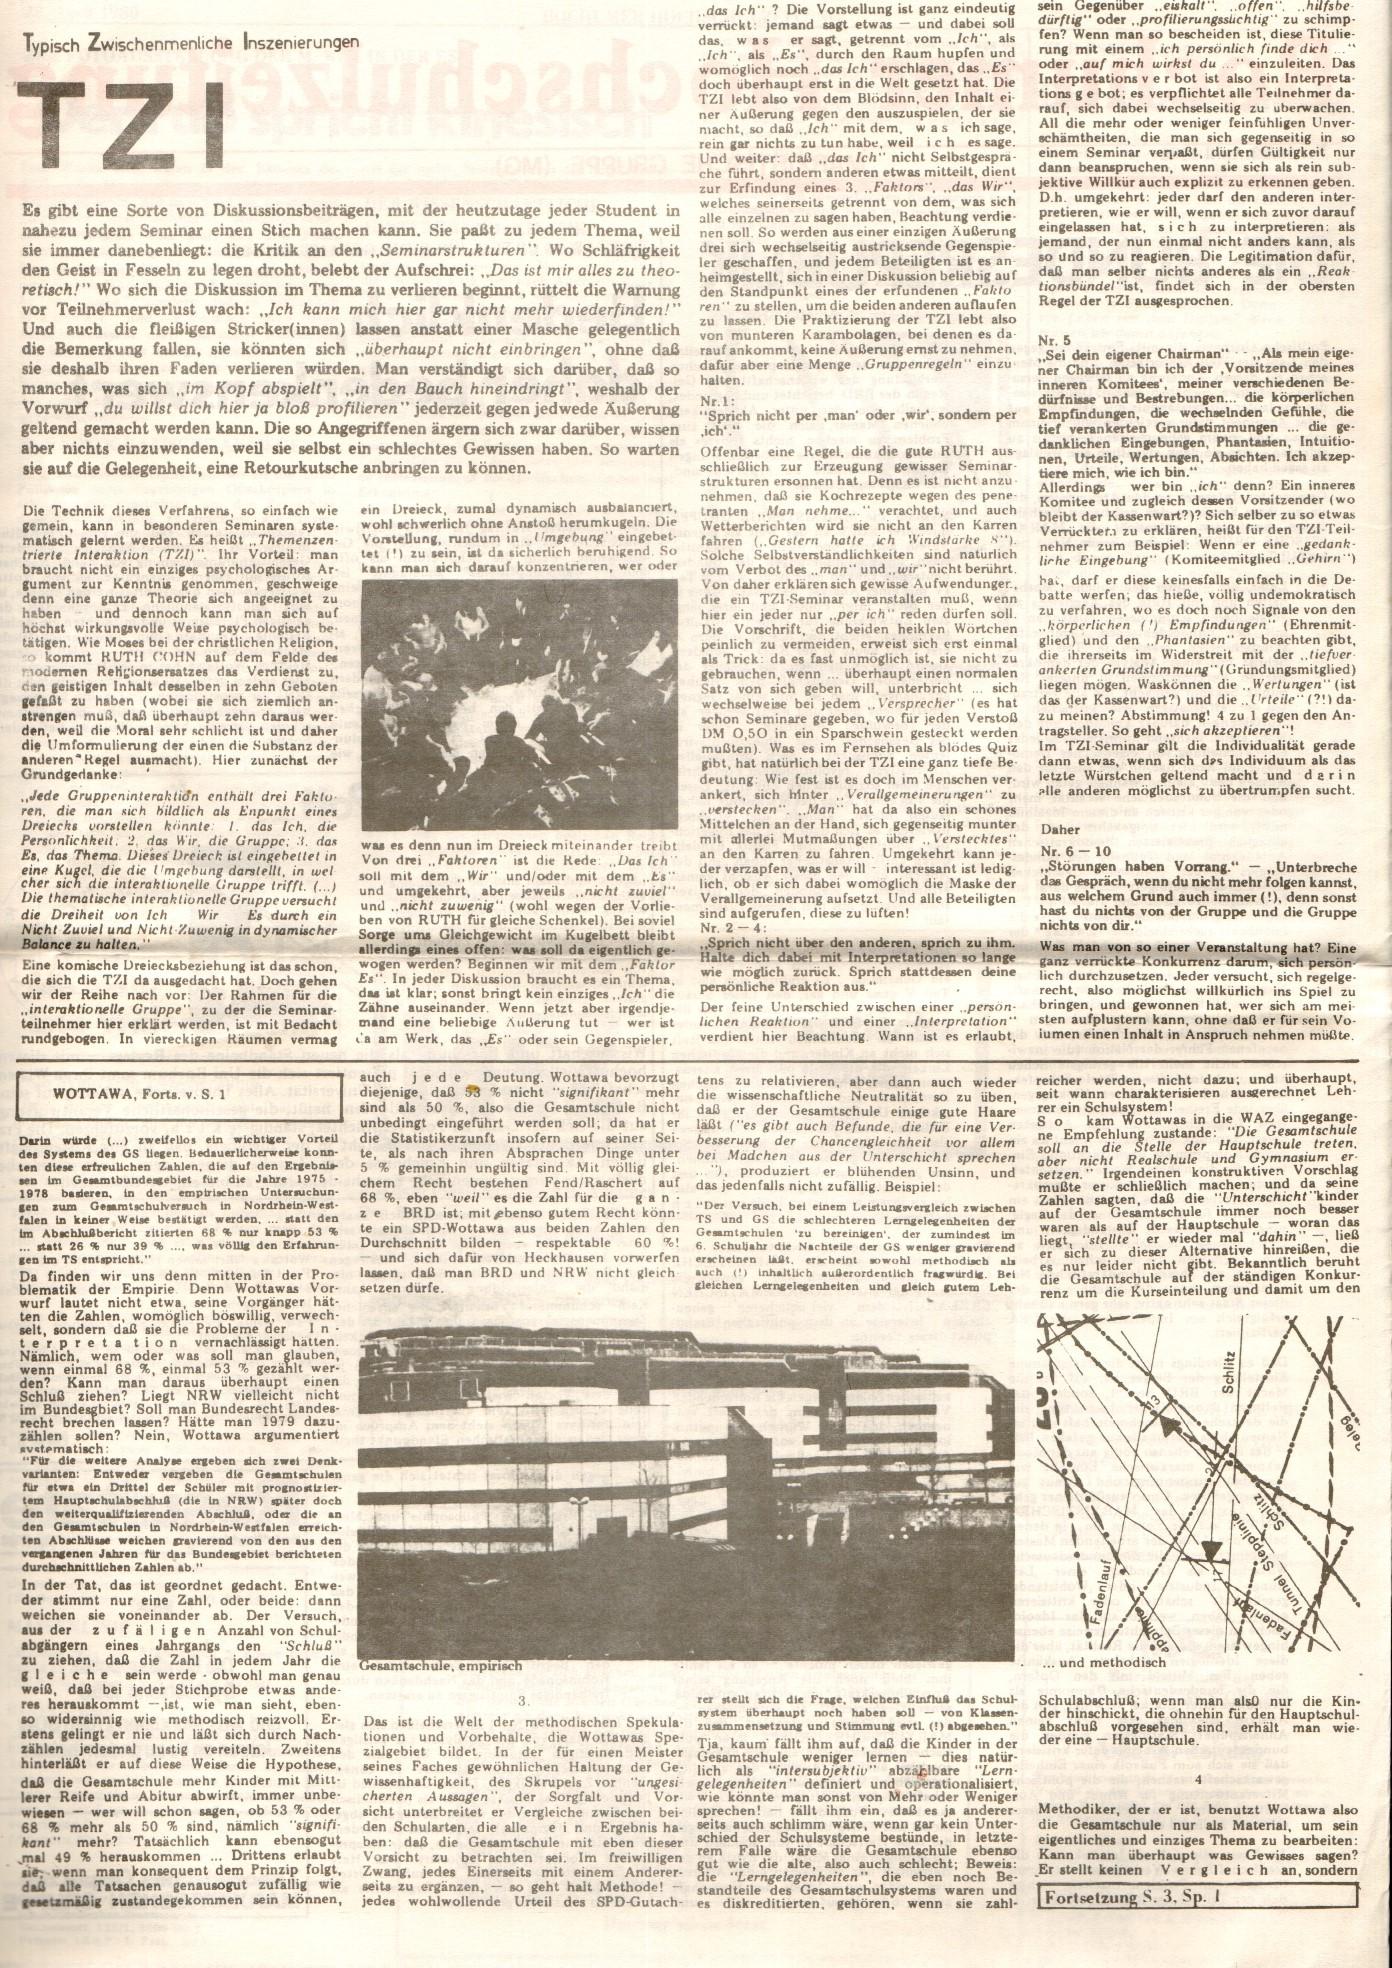 MG_Bochumer_Hochschulzeitung_19800423_02